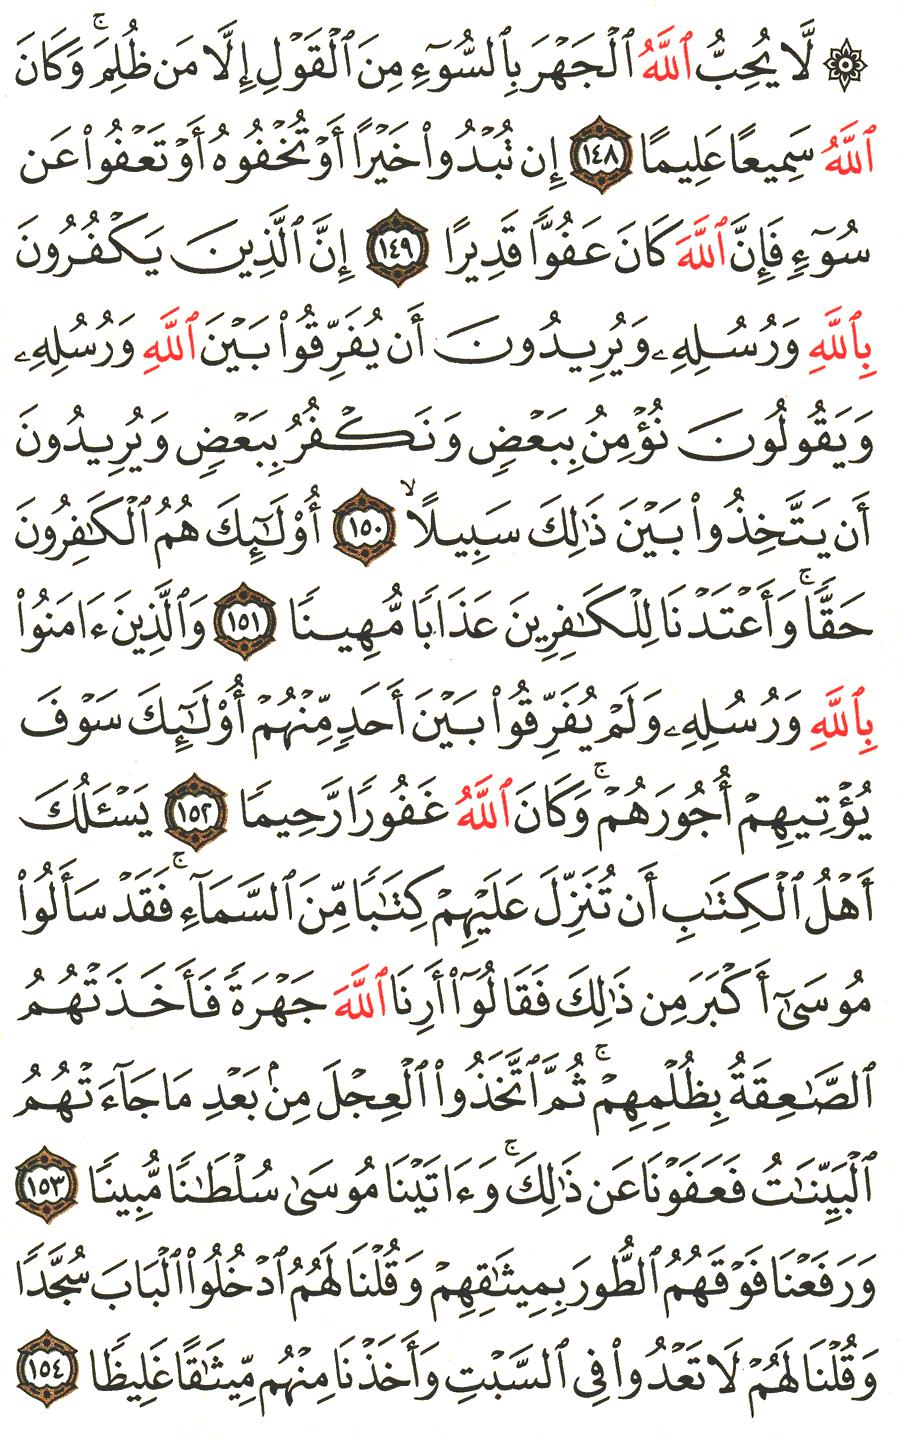 تفسير الآية 148 إلى 154 من سورة النساء التفسير الميسر